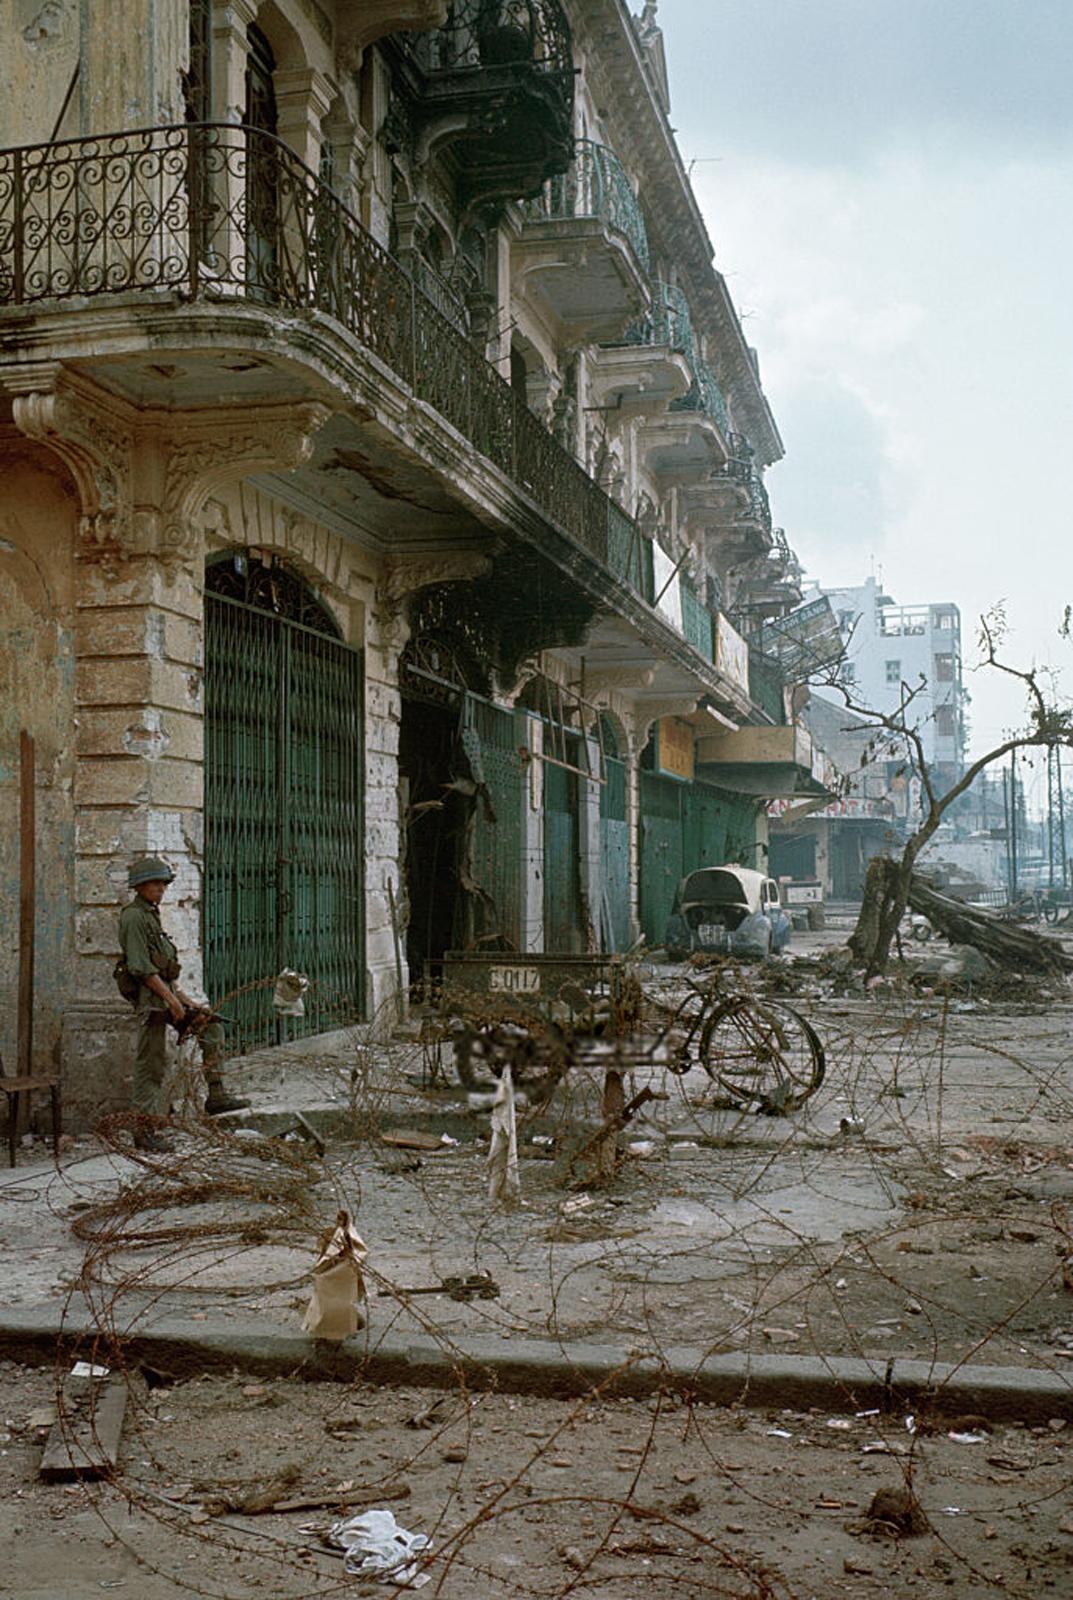 Район Тёлон после того, как большая часть боёв закончилась. Солдат стоит рядом с поврежденным зданием на улице, усыпанной щебнем. 10 июня